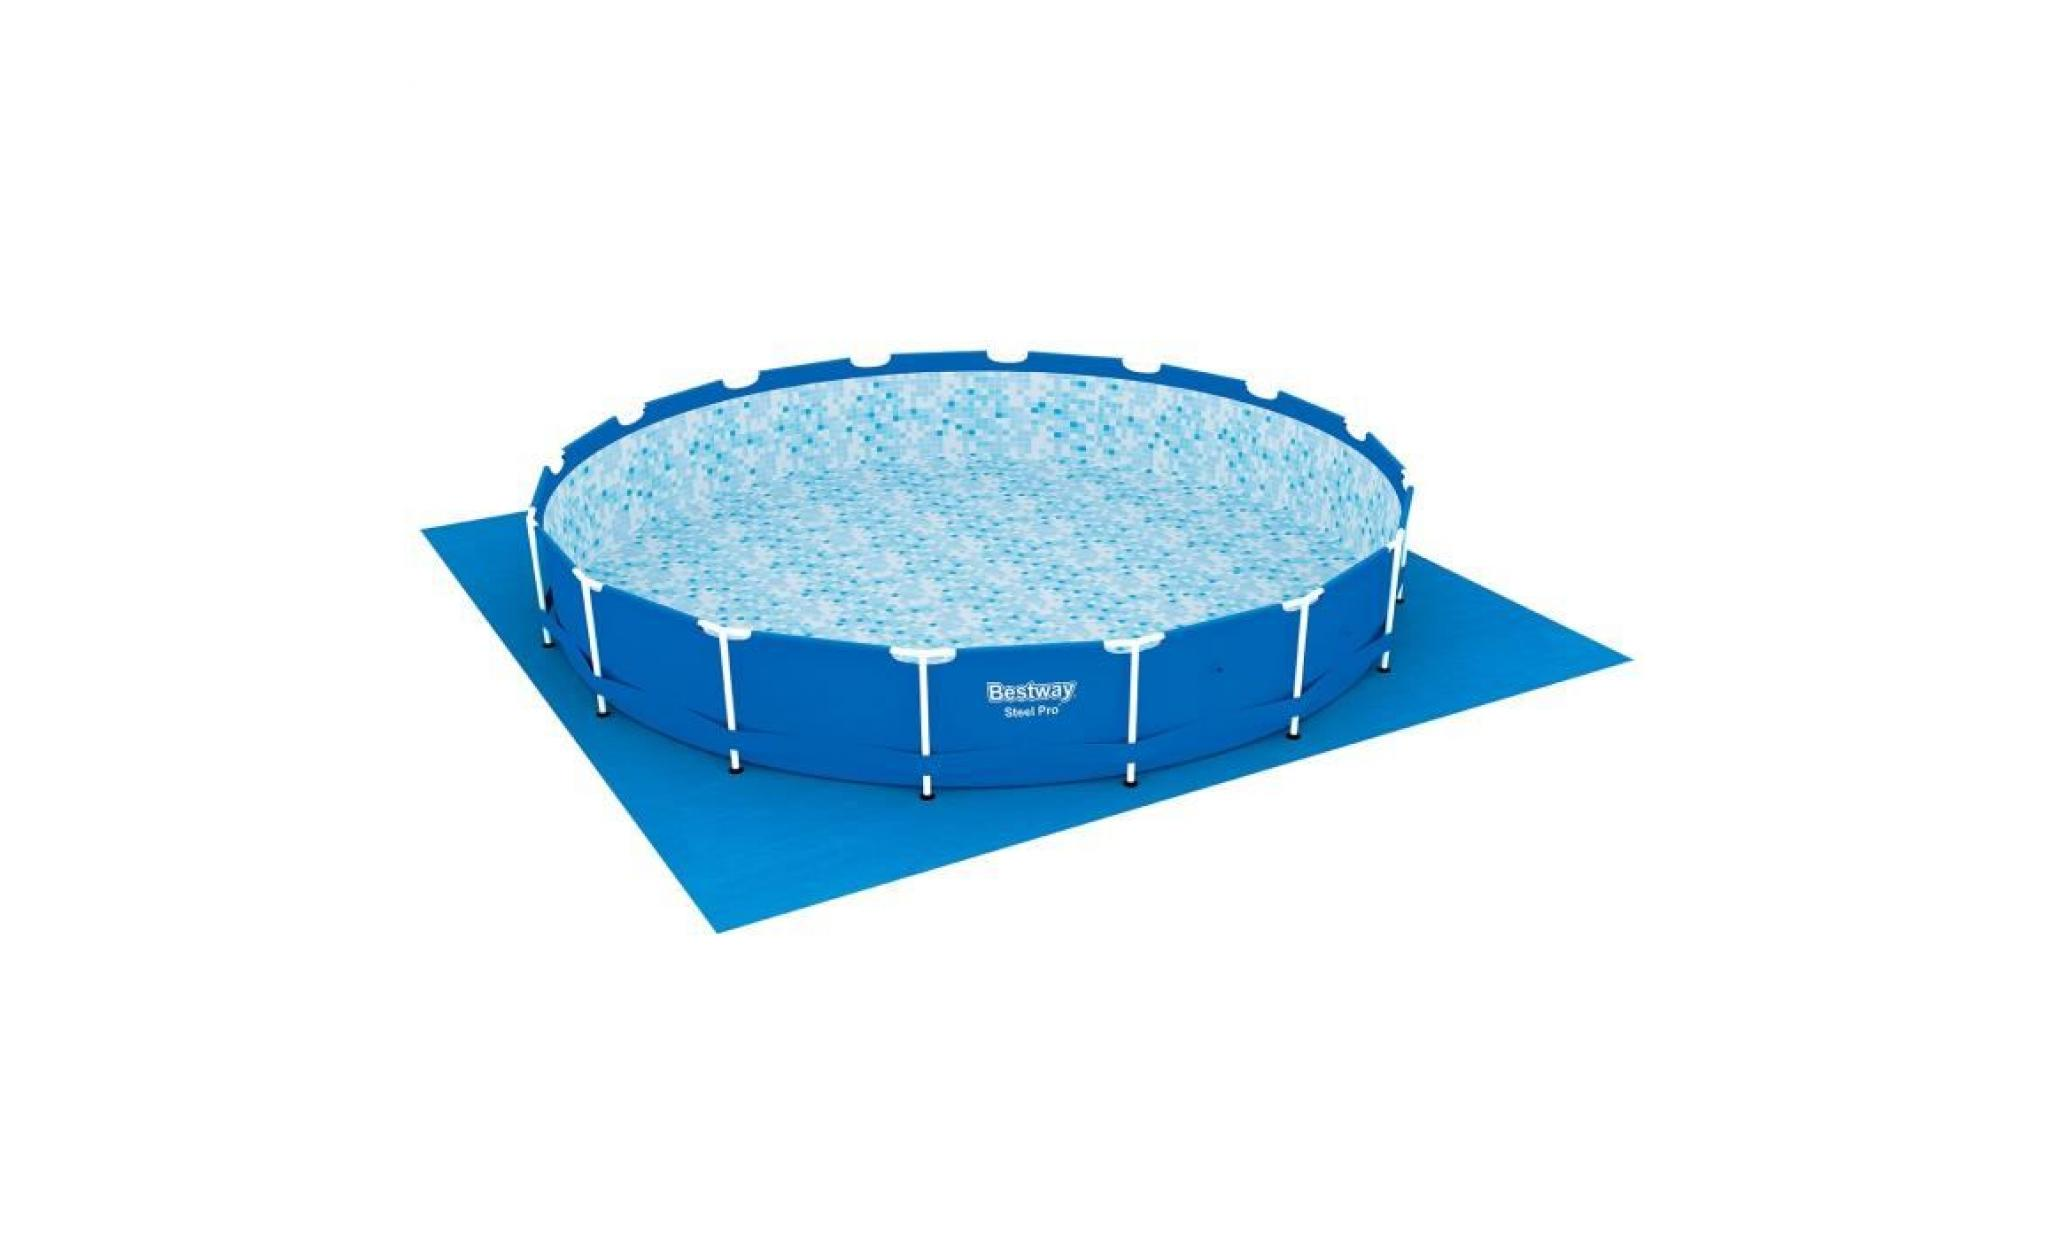 bestway tapis de sol pour piscine ronde fast set pools ou steel frame pools o 487 cm achat vente bache piscine pas cher coindujardin com